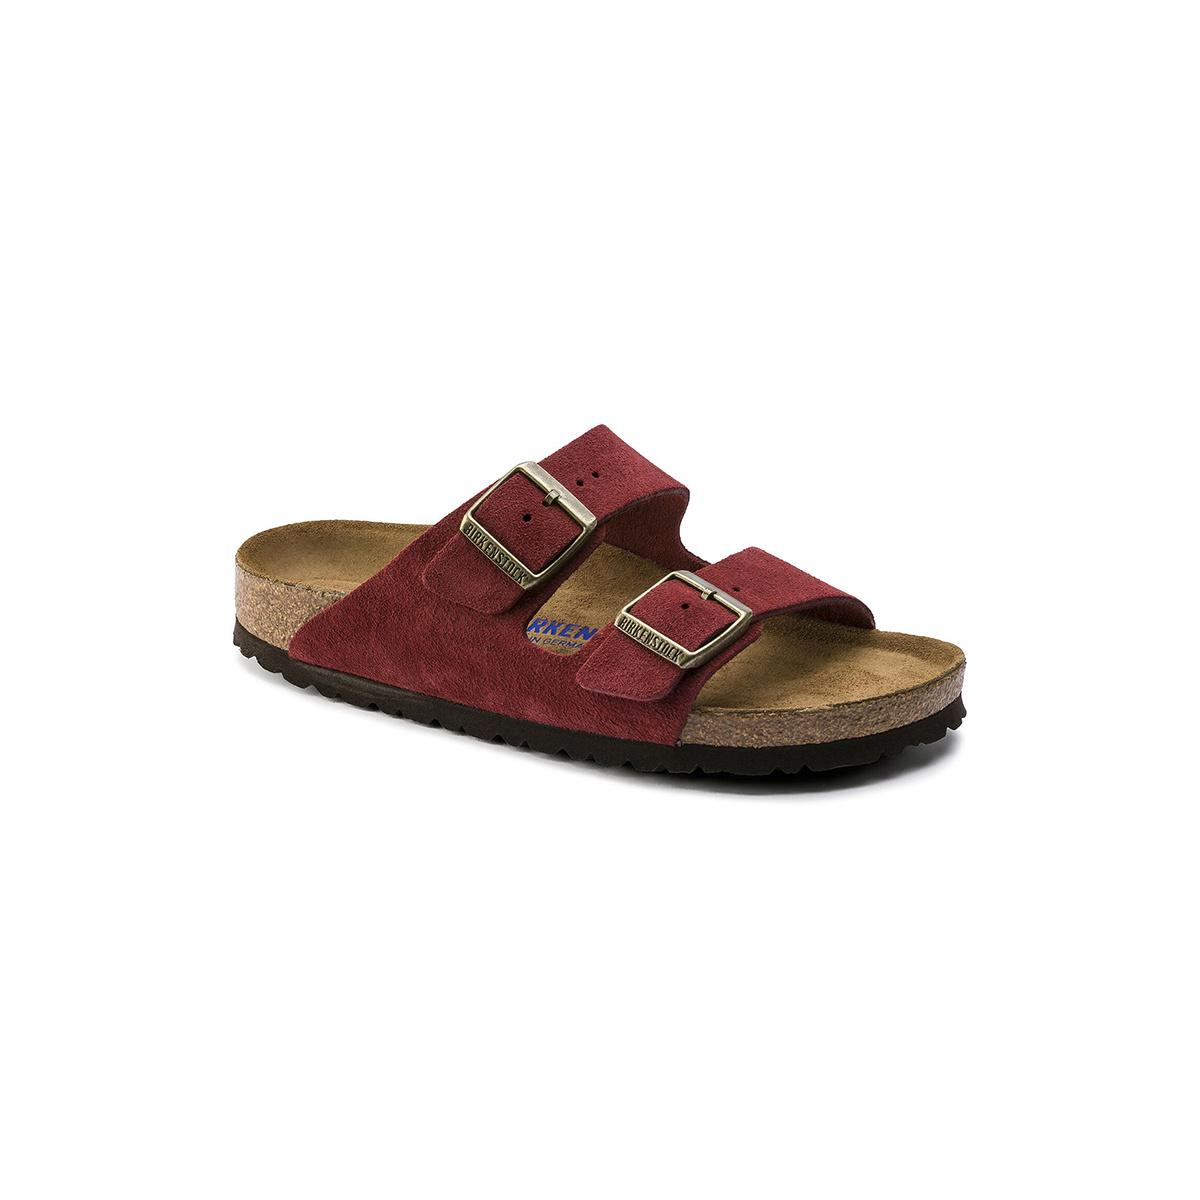 Birkenstock Arizona Soft Footbed Suede-Narrow